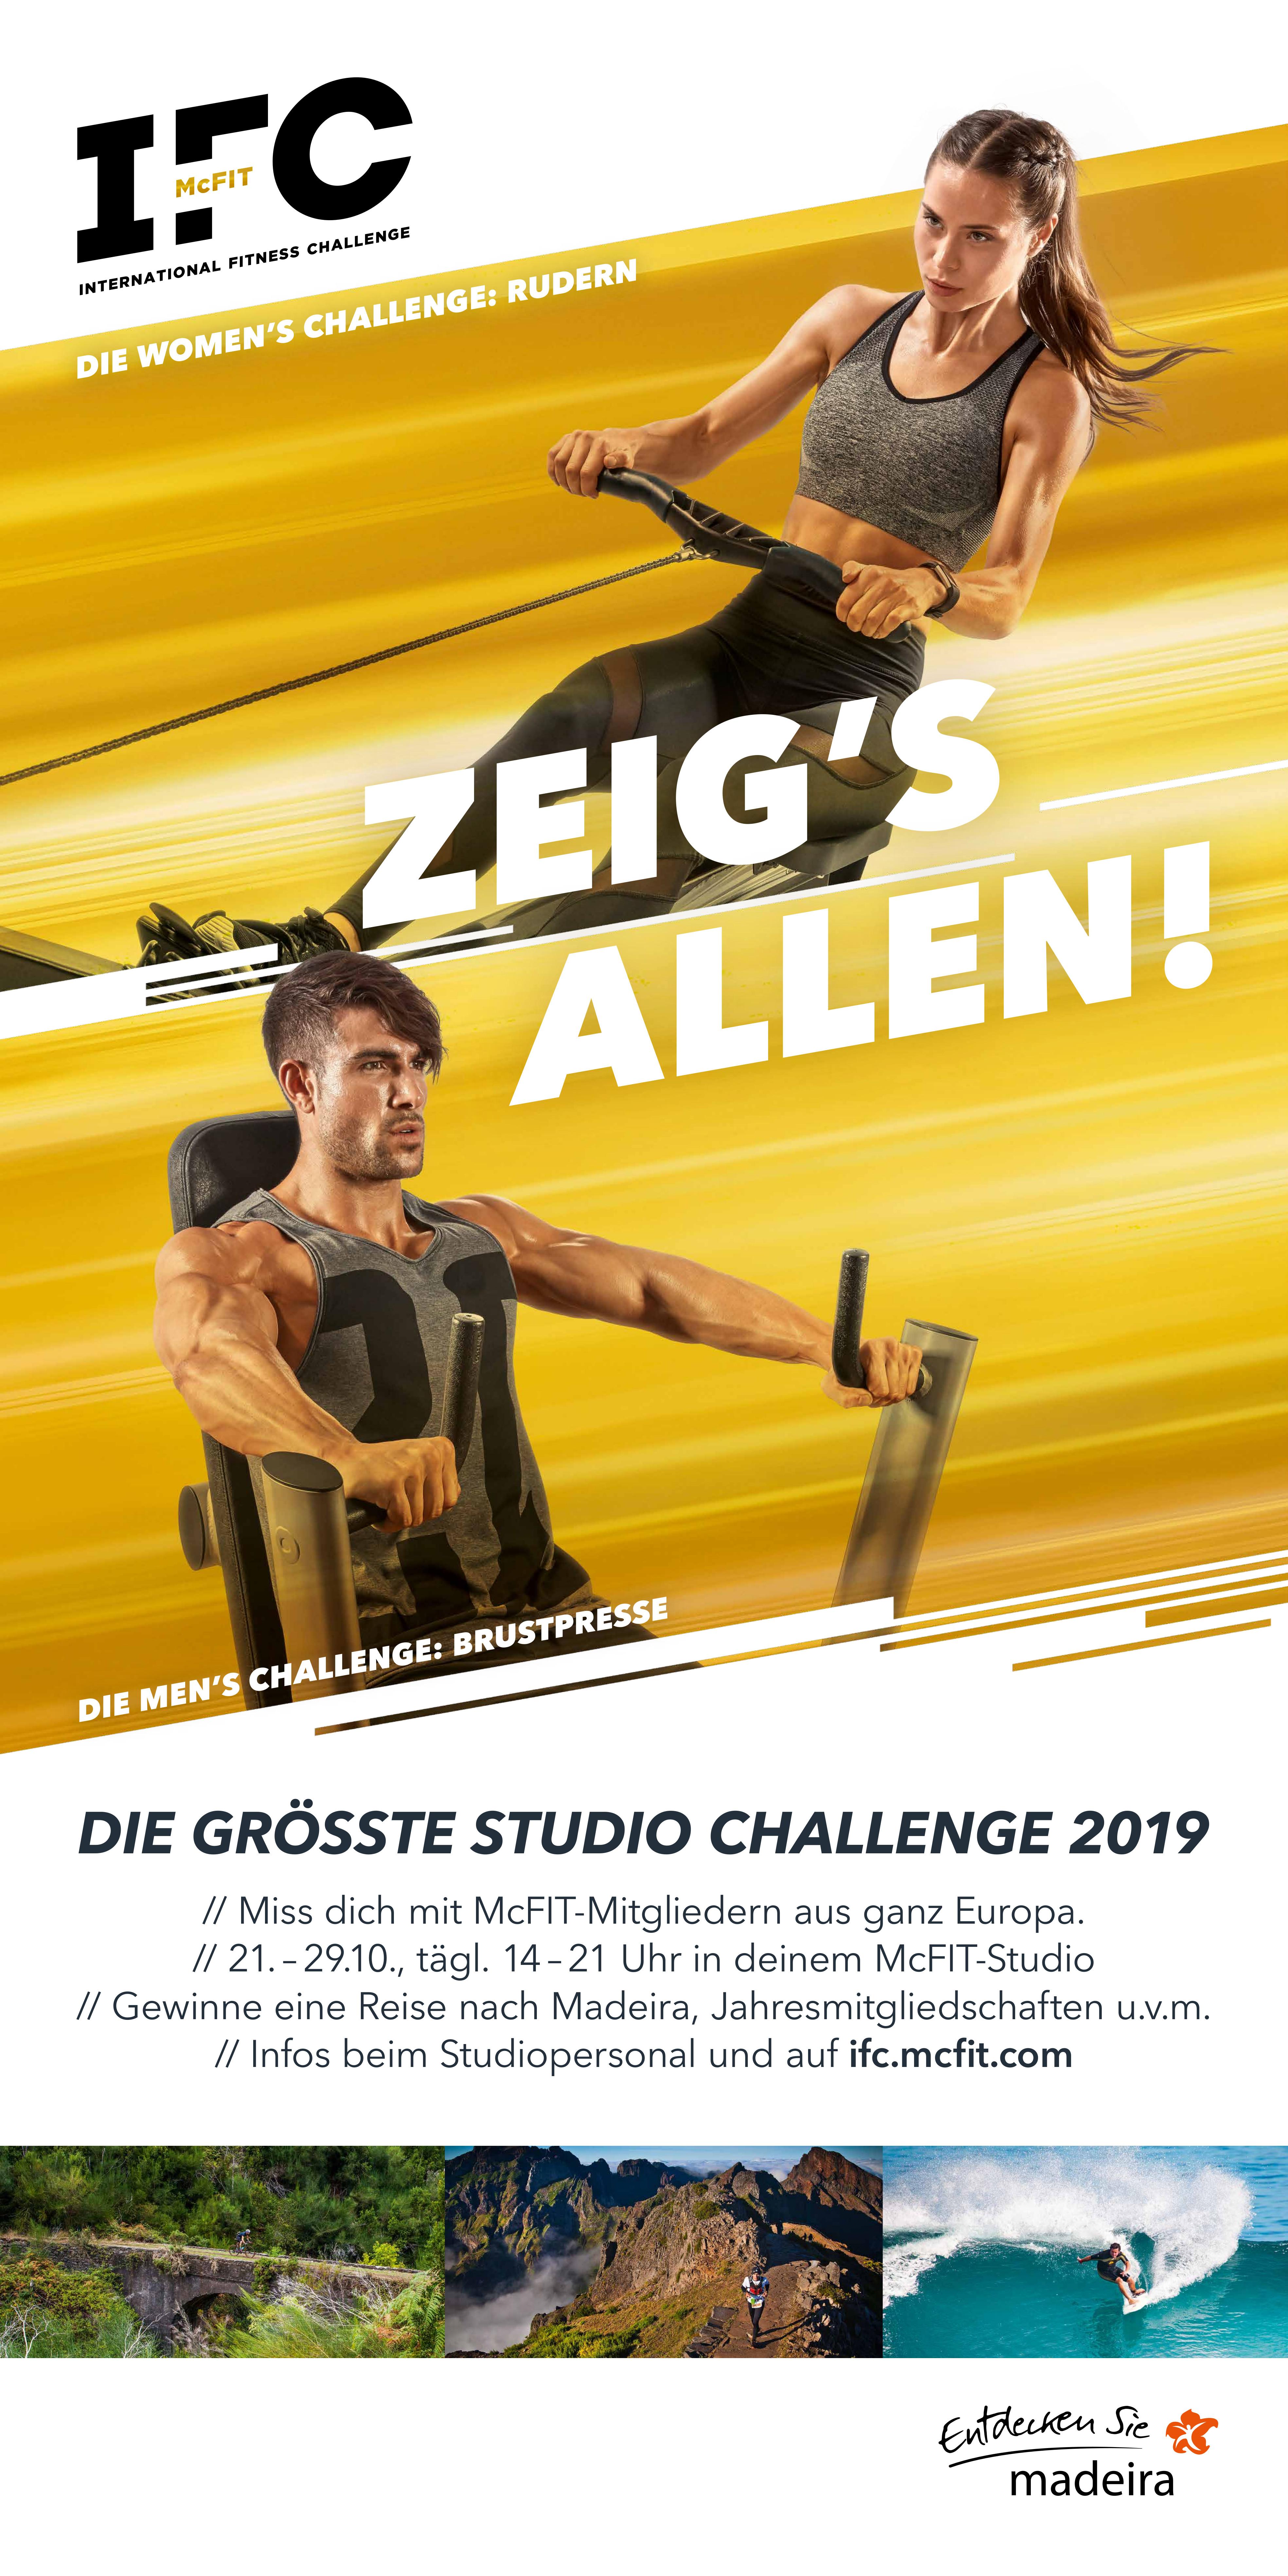 McFIT startet die IFC 2019 – Europas größte Studio Challenge